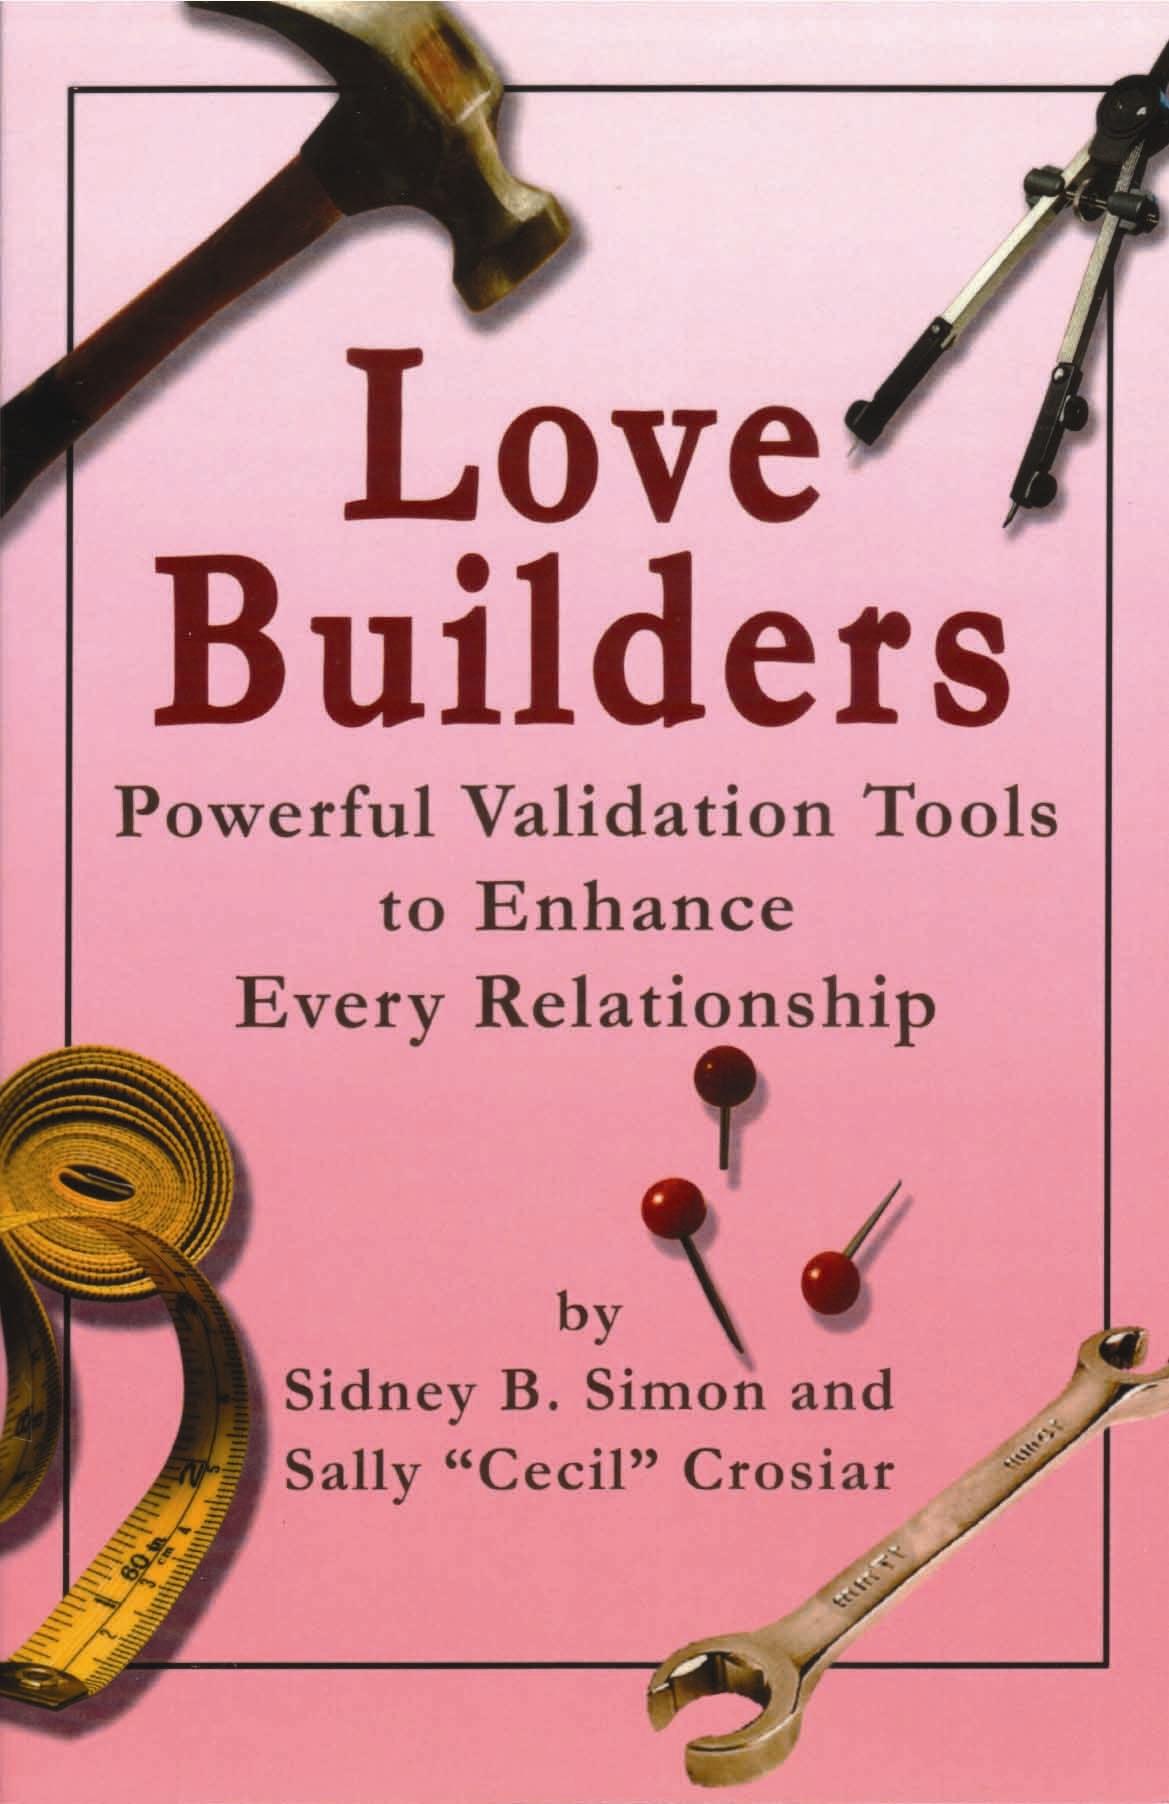 lovebuilders (1) copy